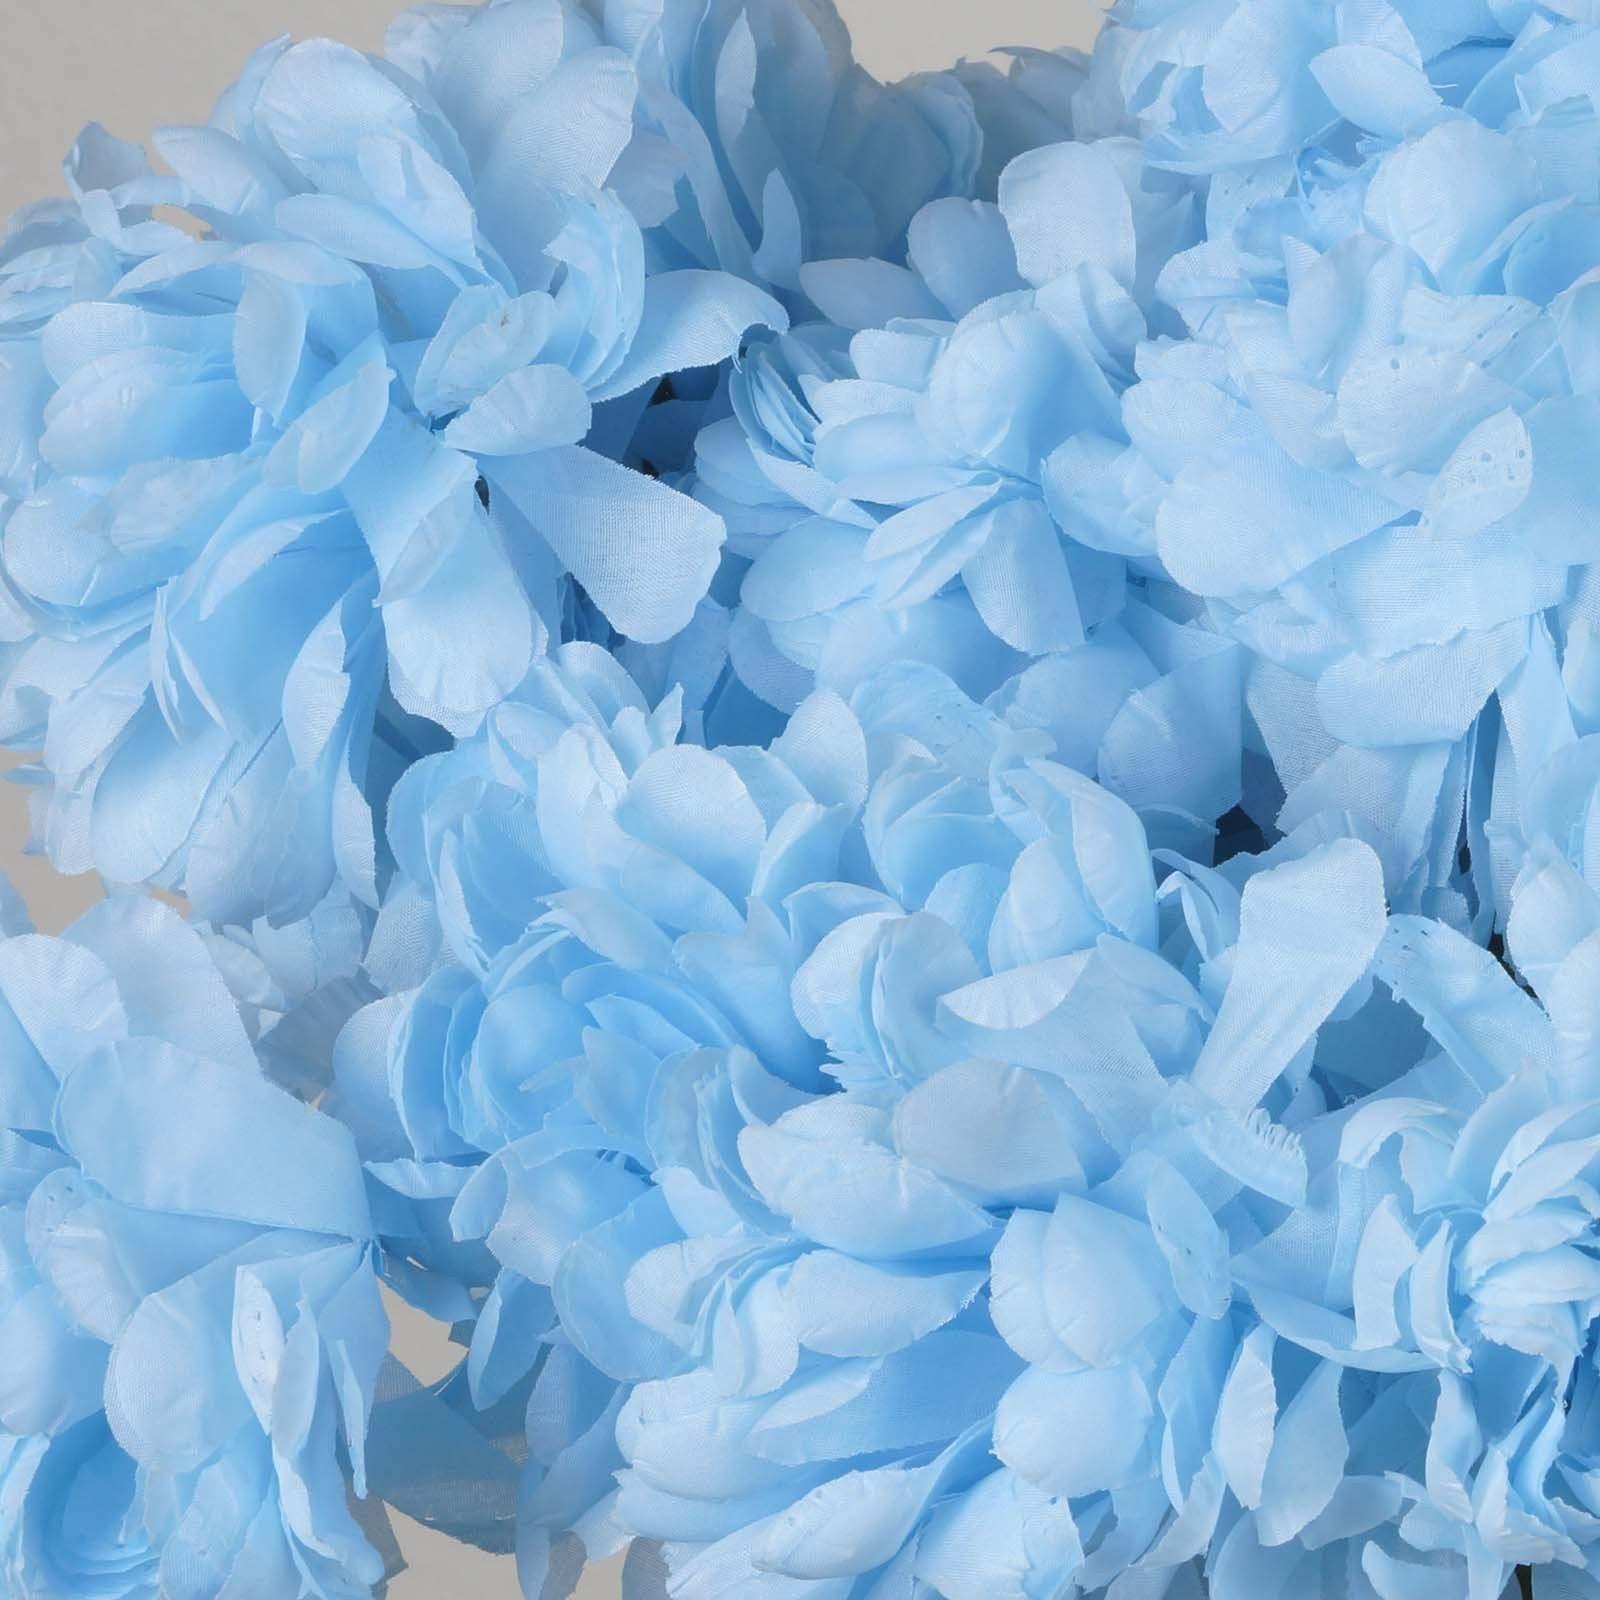 4 Bush 56 pcs Light Blue Artificial Silk Chrysanthemum Flowers